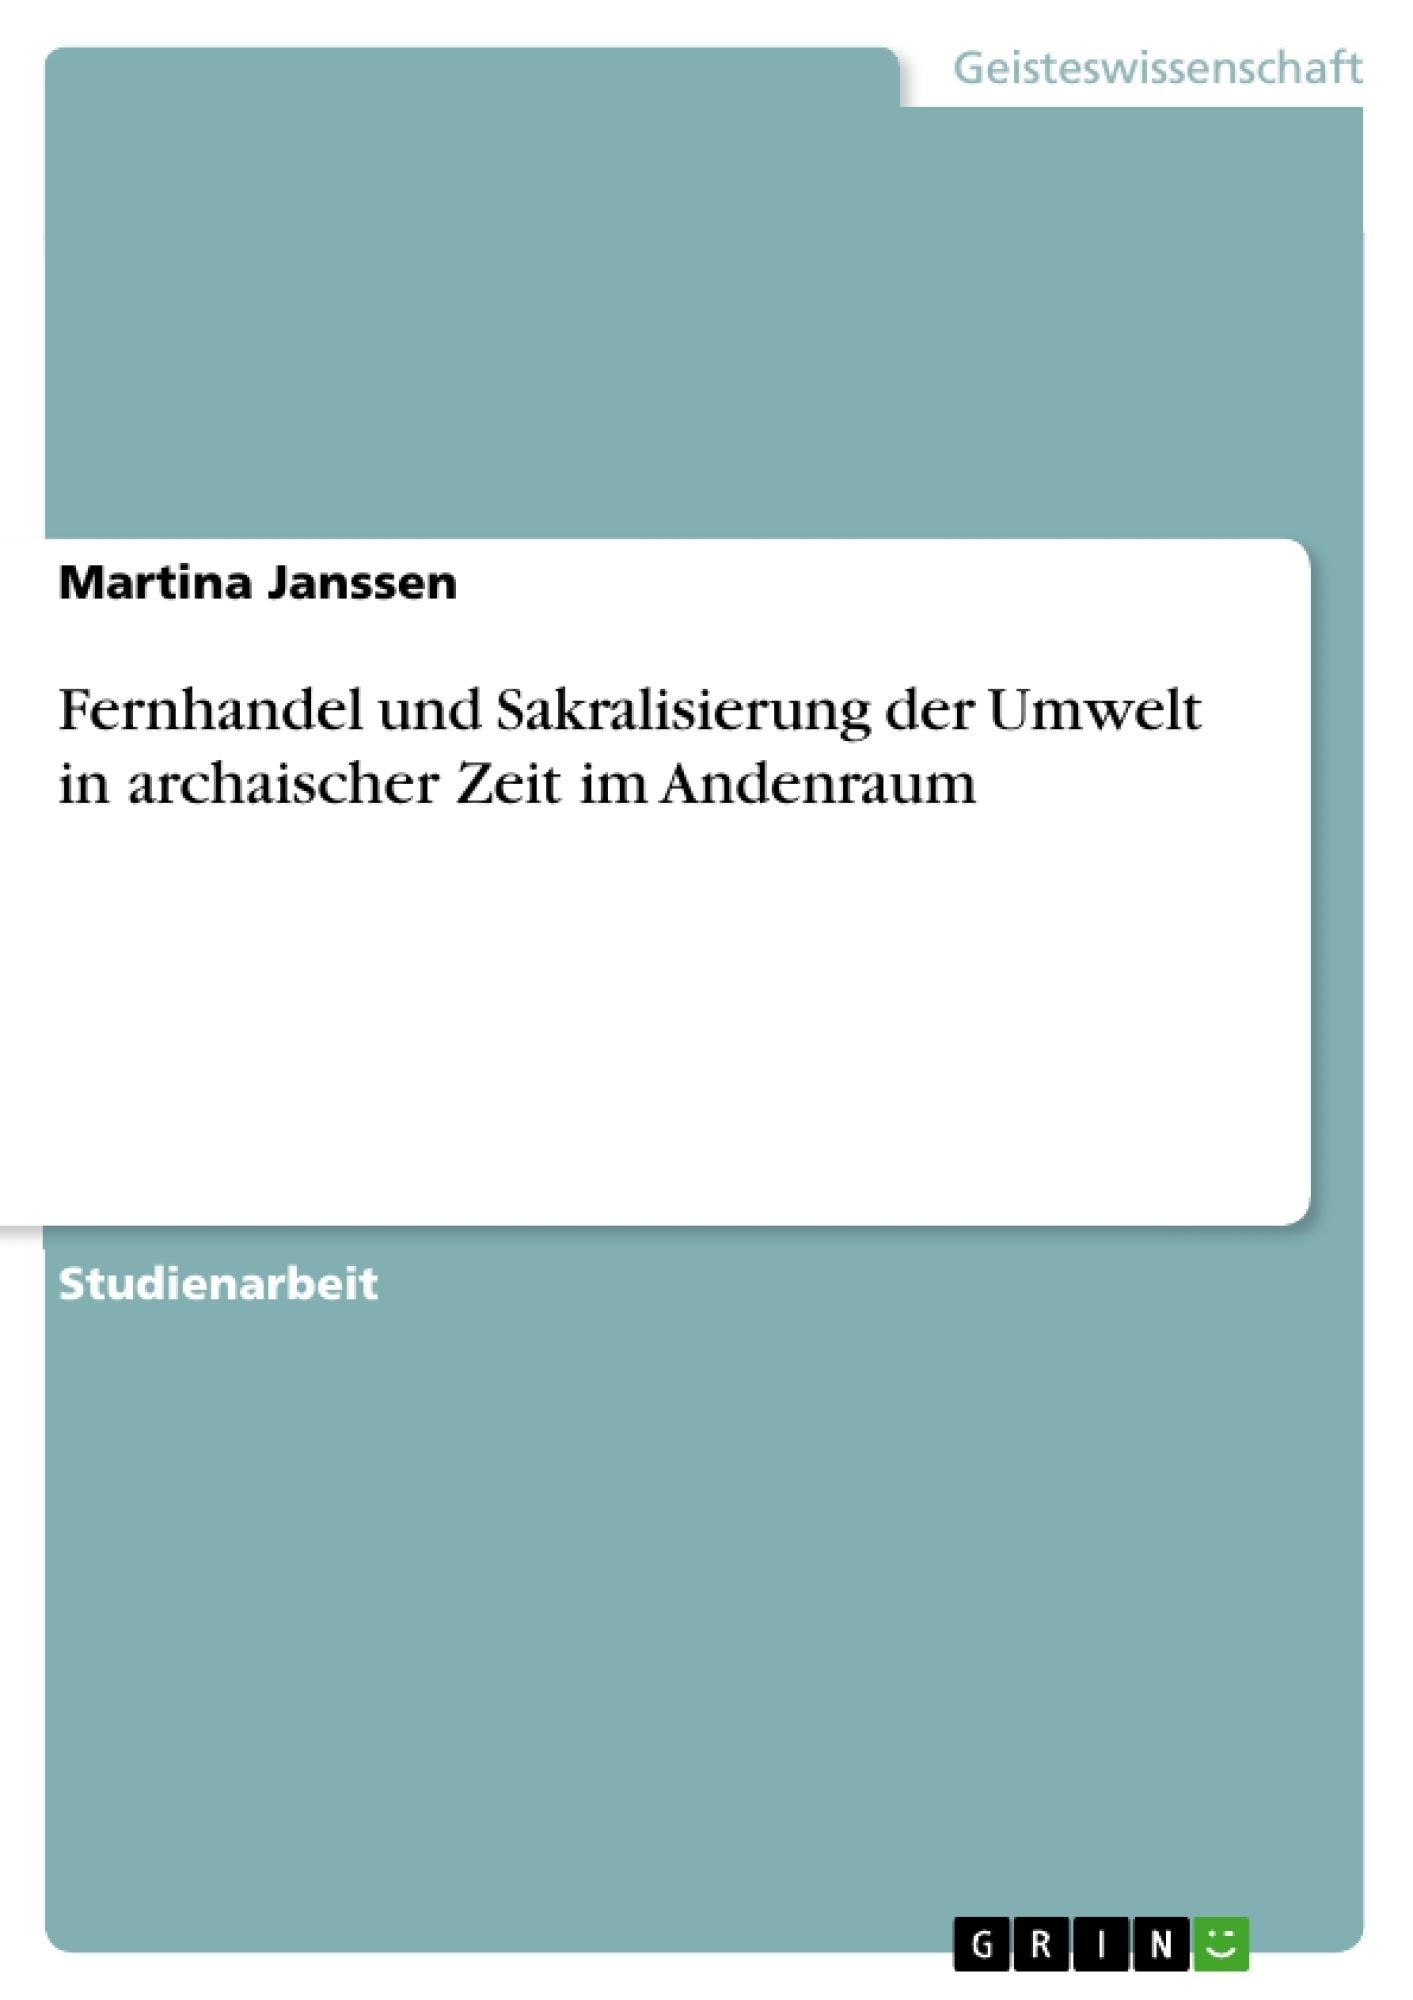 Titel: Fernhandel und Sakralisierung der Umwelt in archaischer Zeit im Andenraum